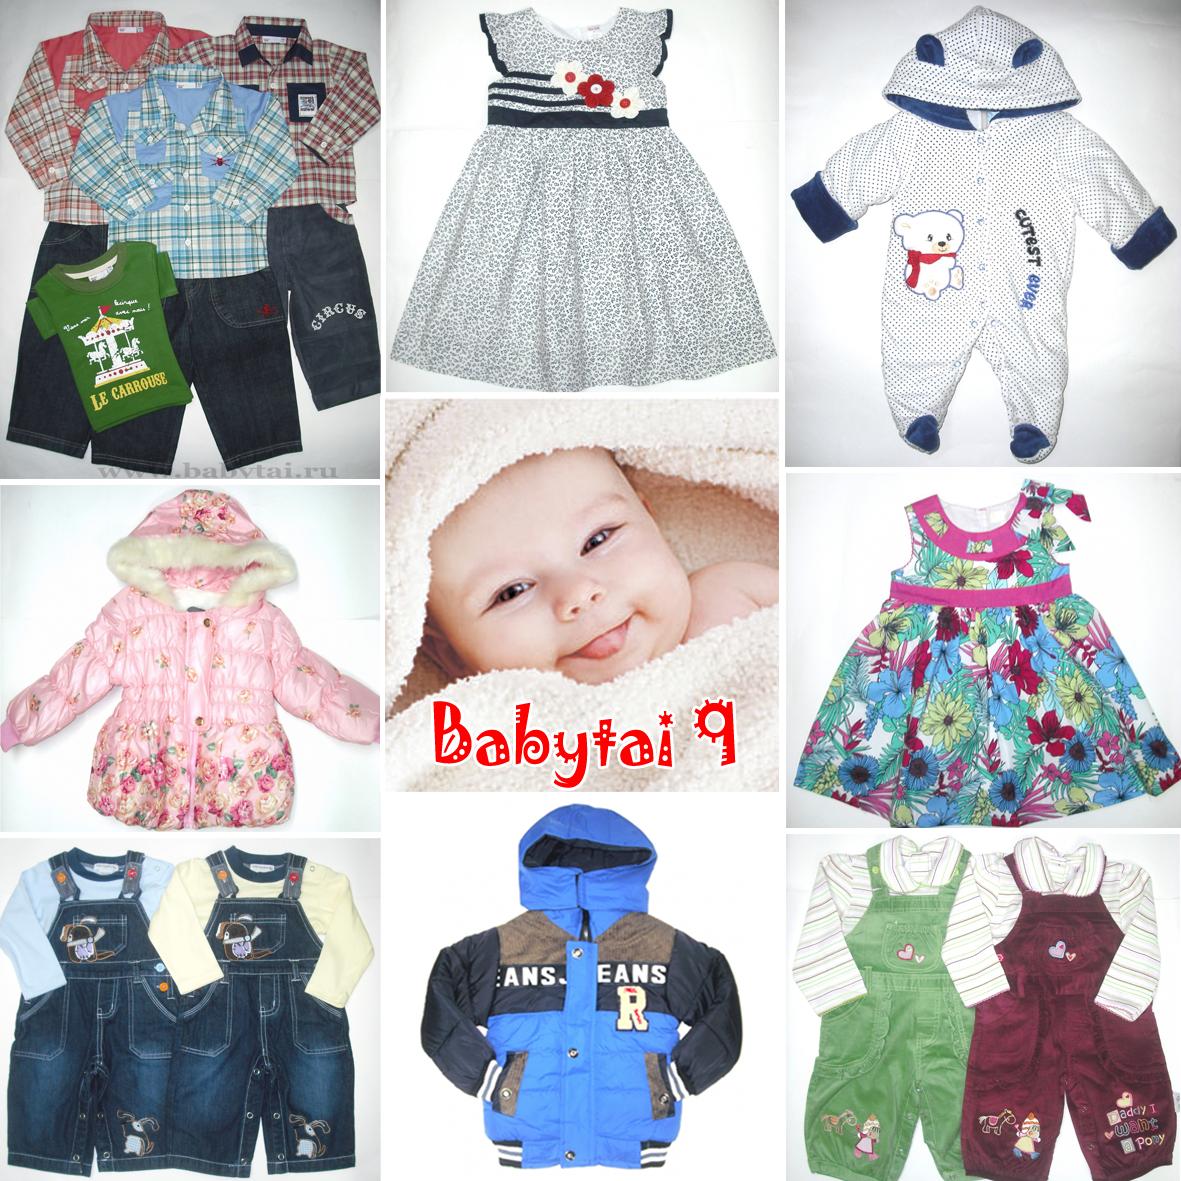 Сбор заказов. Babytai - большой выбор детской одежды от 0 и старше. Утепленные костюмы для малышей. Распродажа: все по 200, 300, 400 рублей. Выкуп 9/16